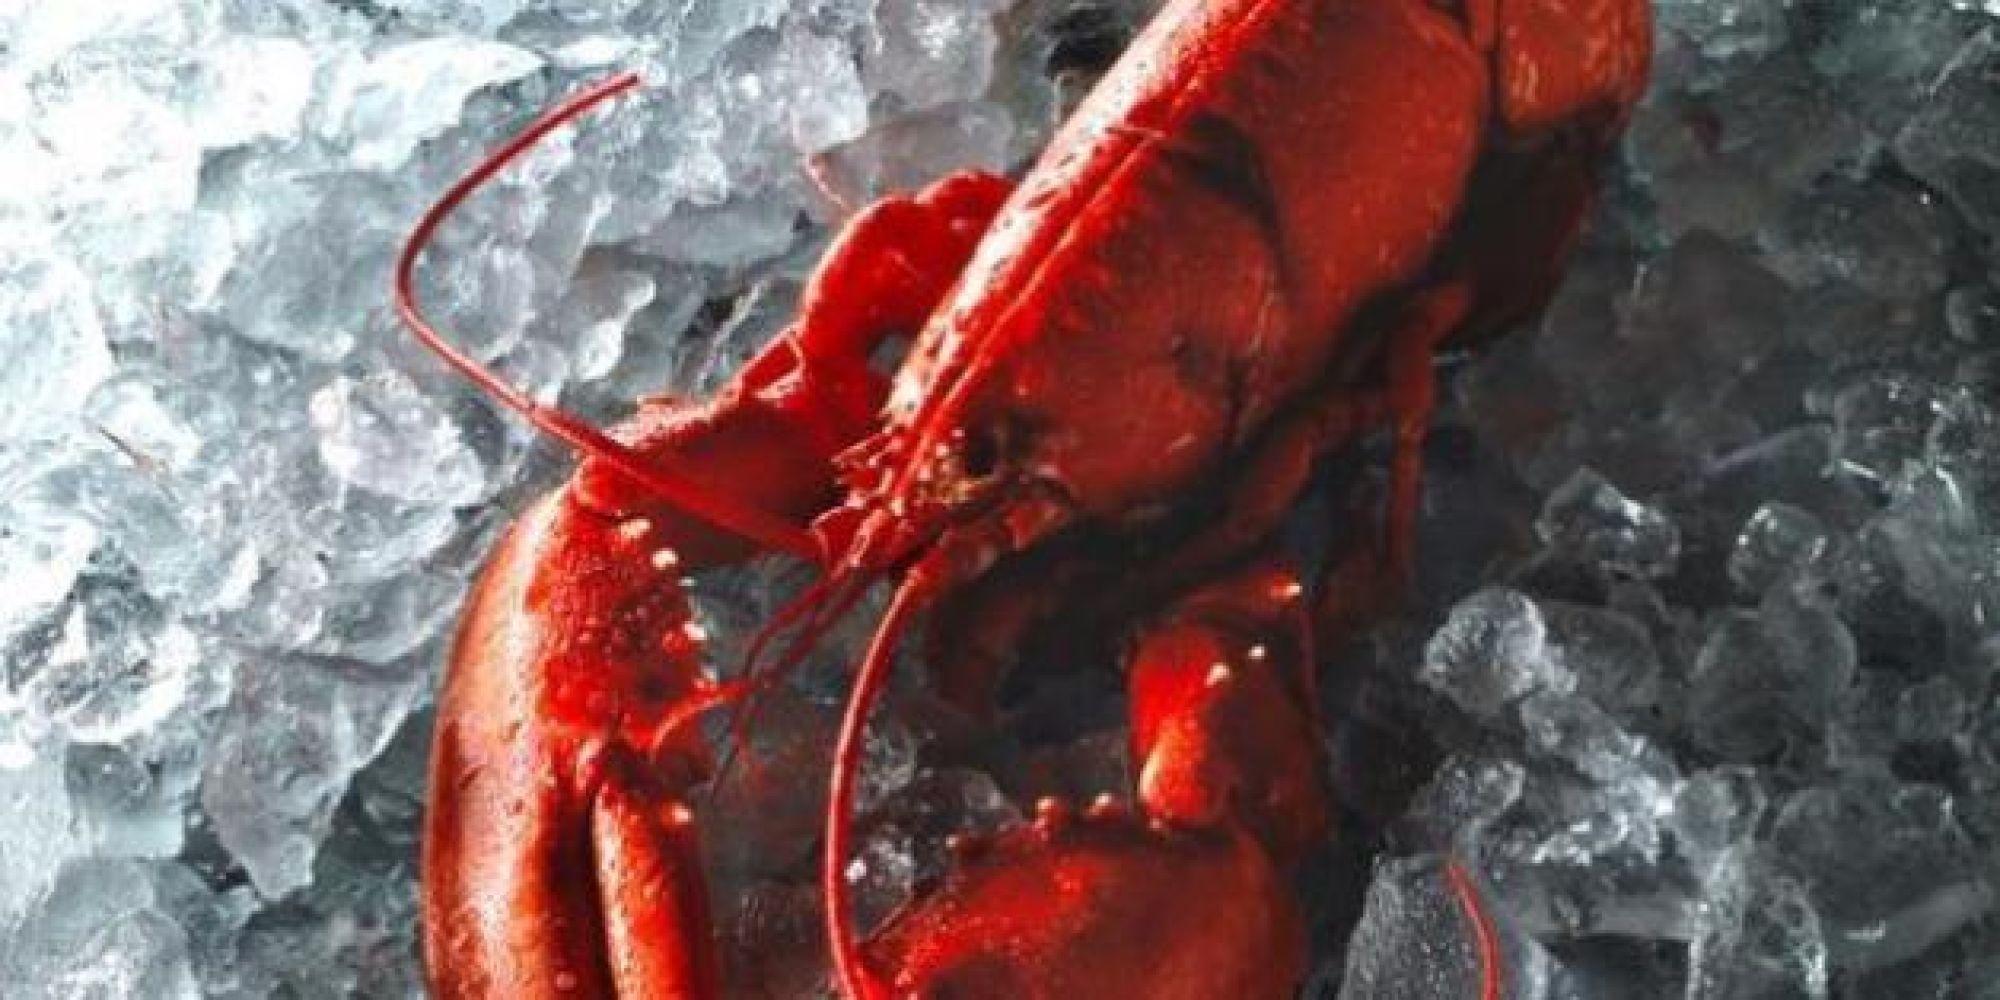 Astice sul ghiaccio con chele legate configura reato maltrattamento animali